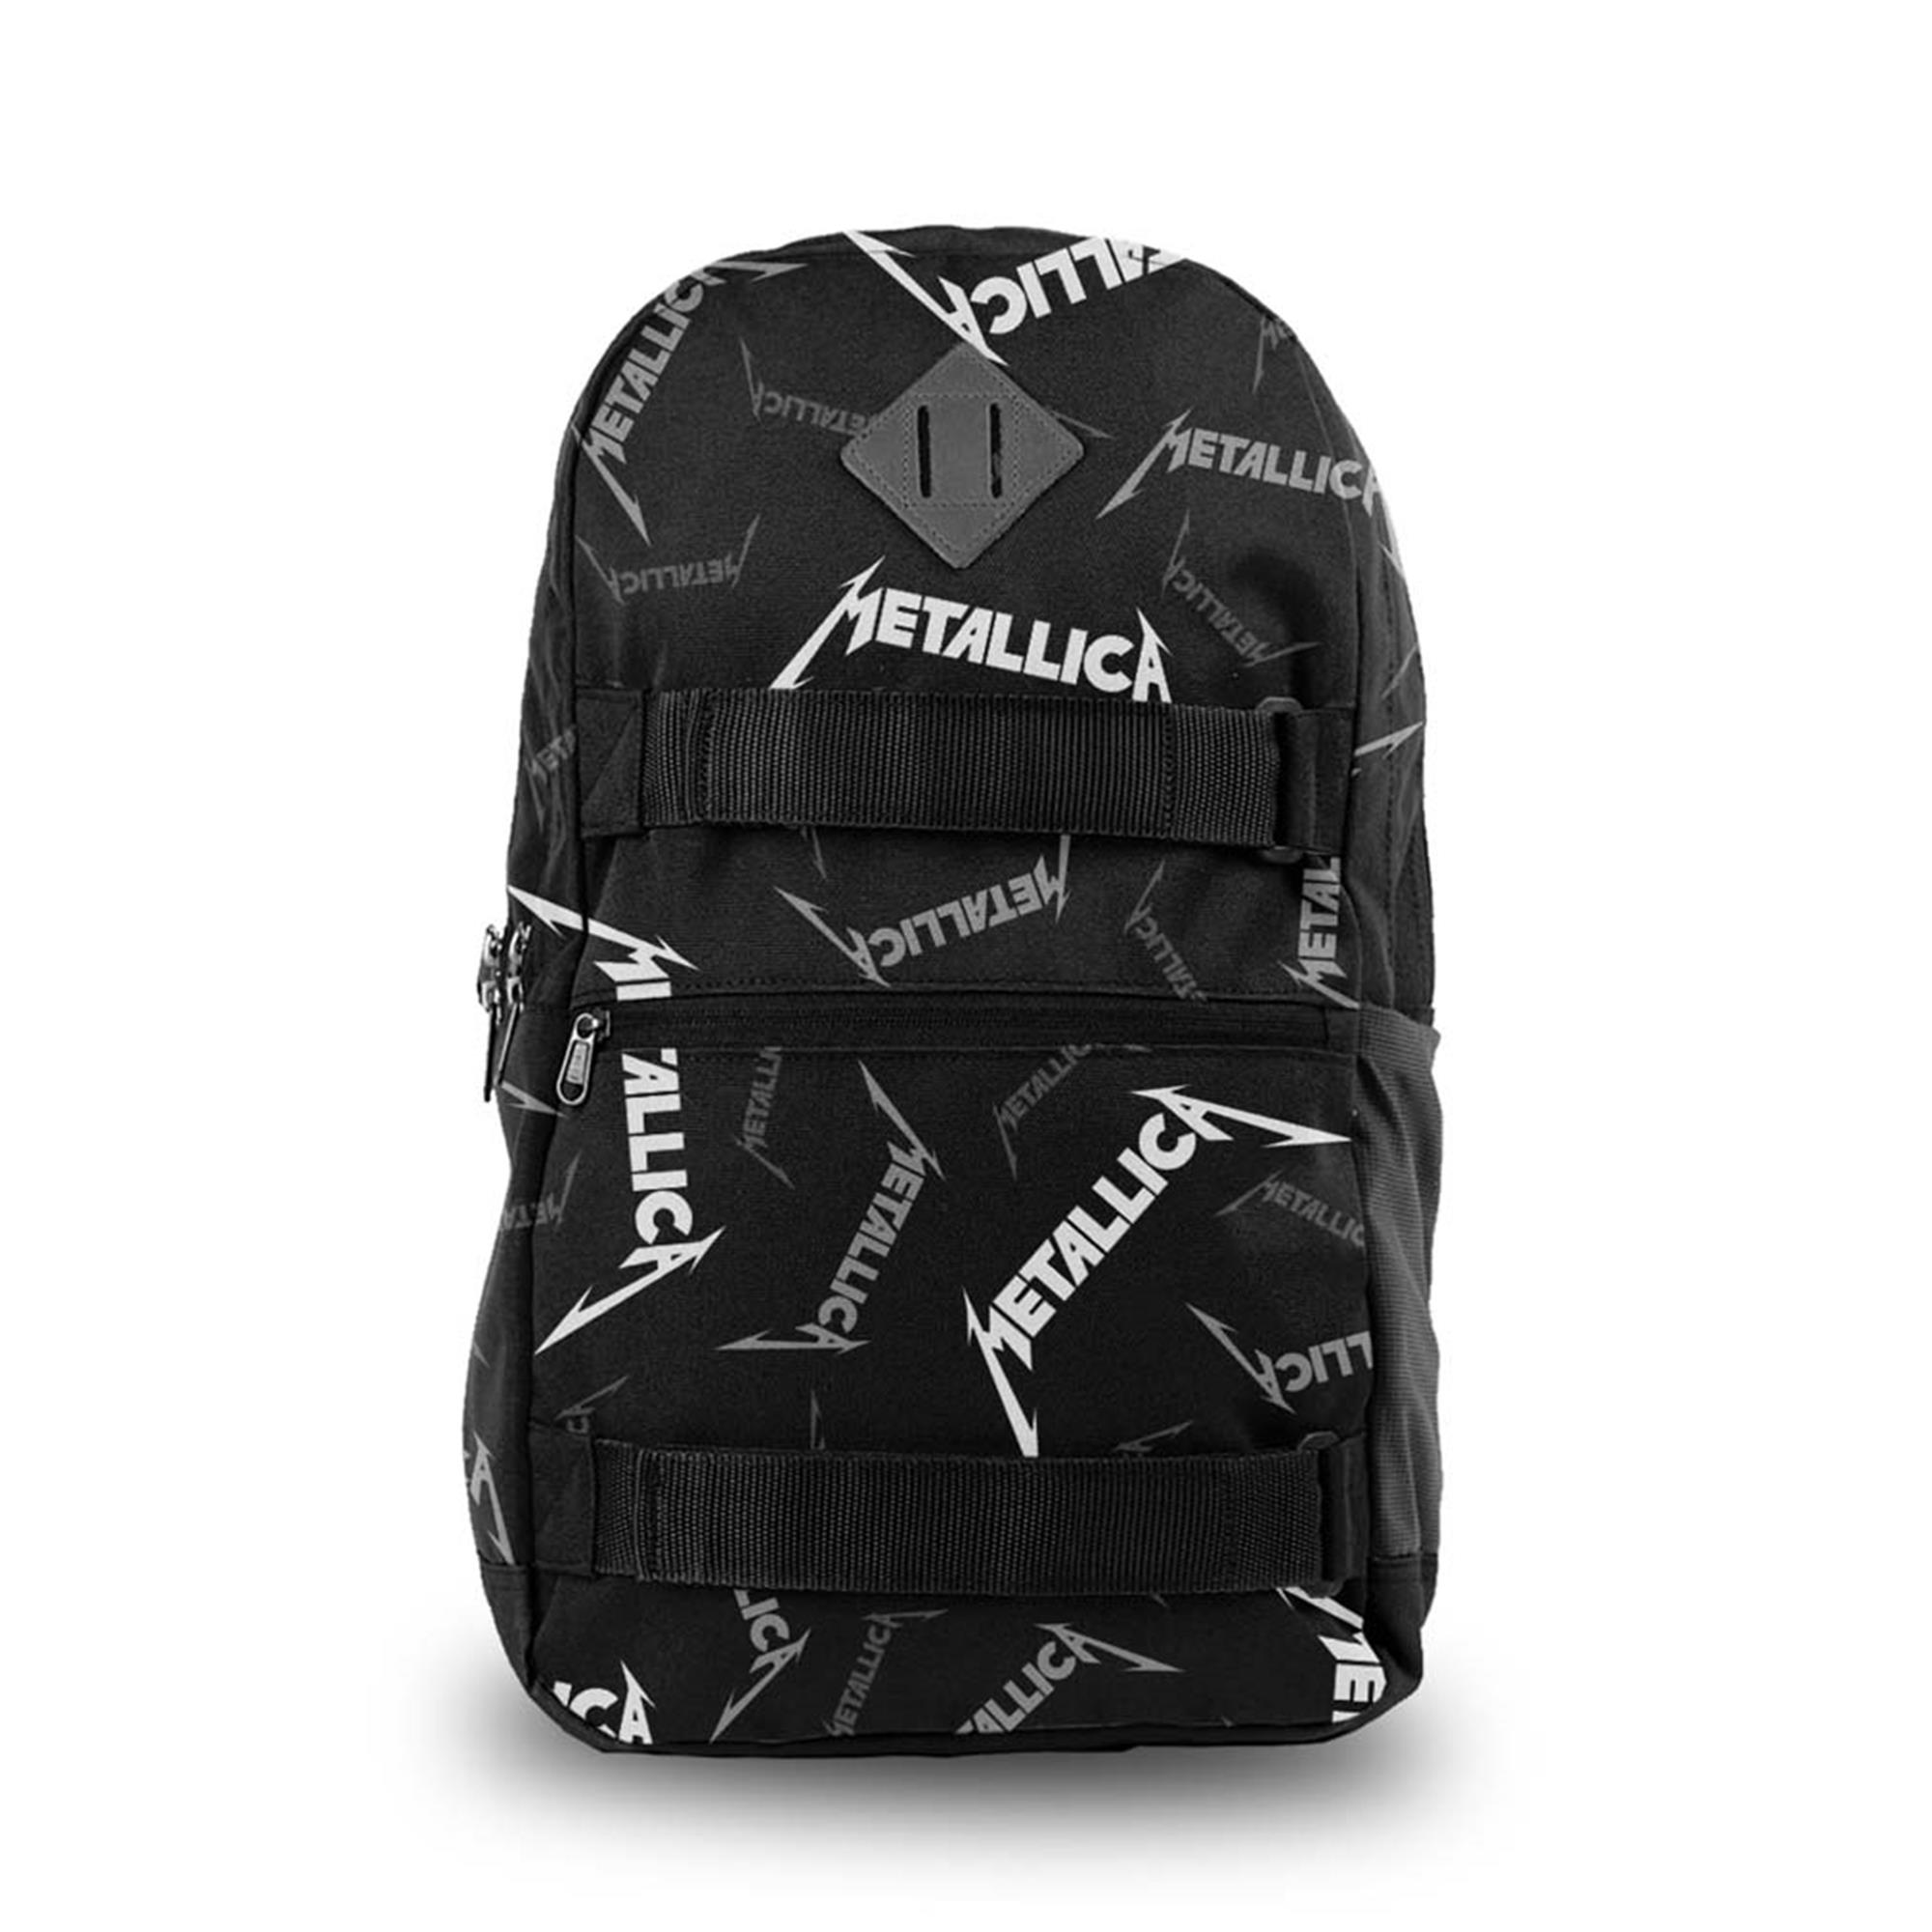 Metallica Fade to Black Skate Bag